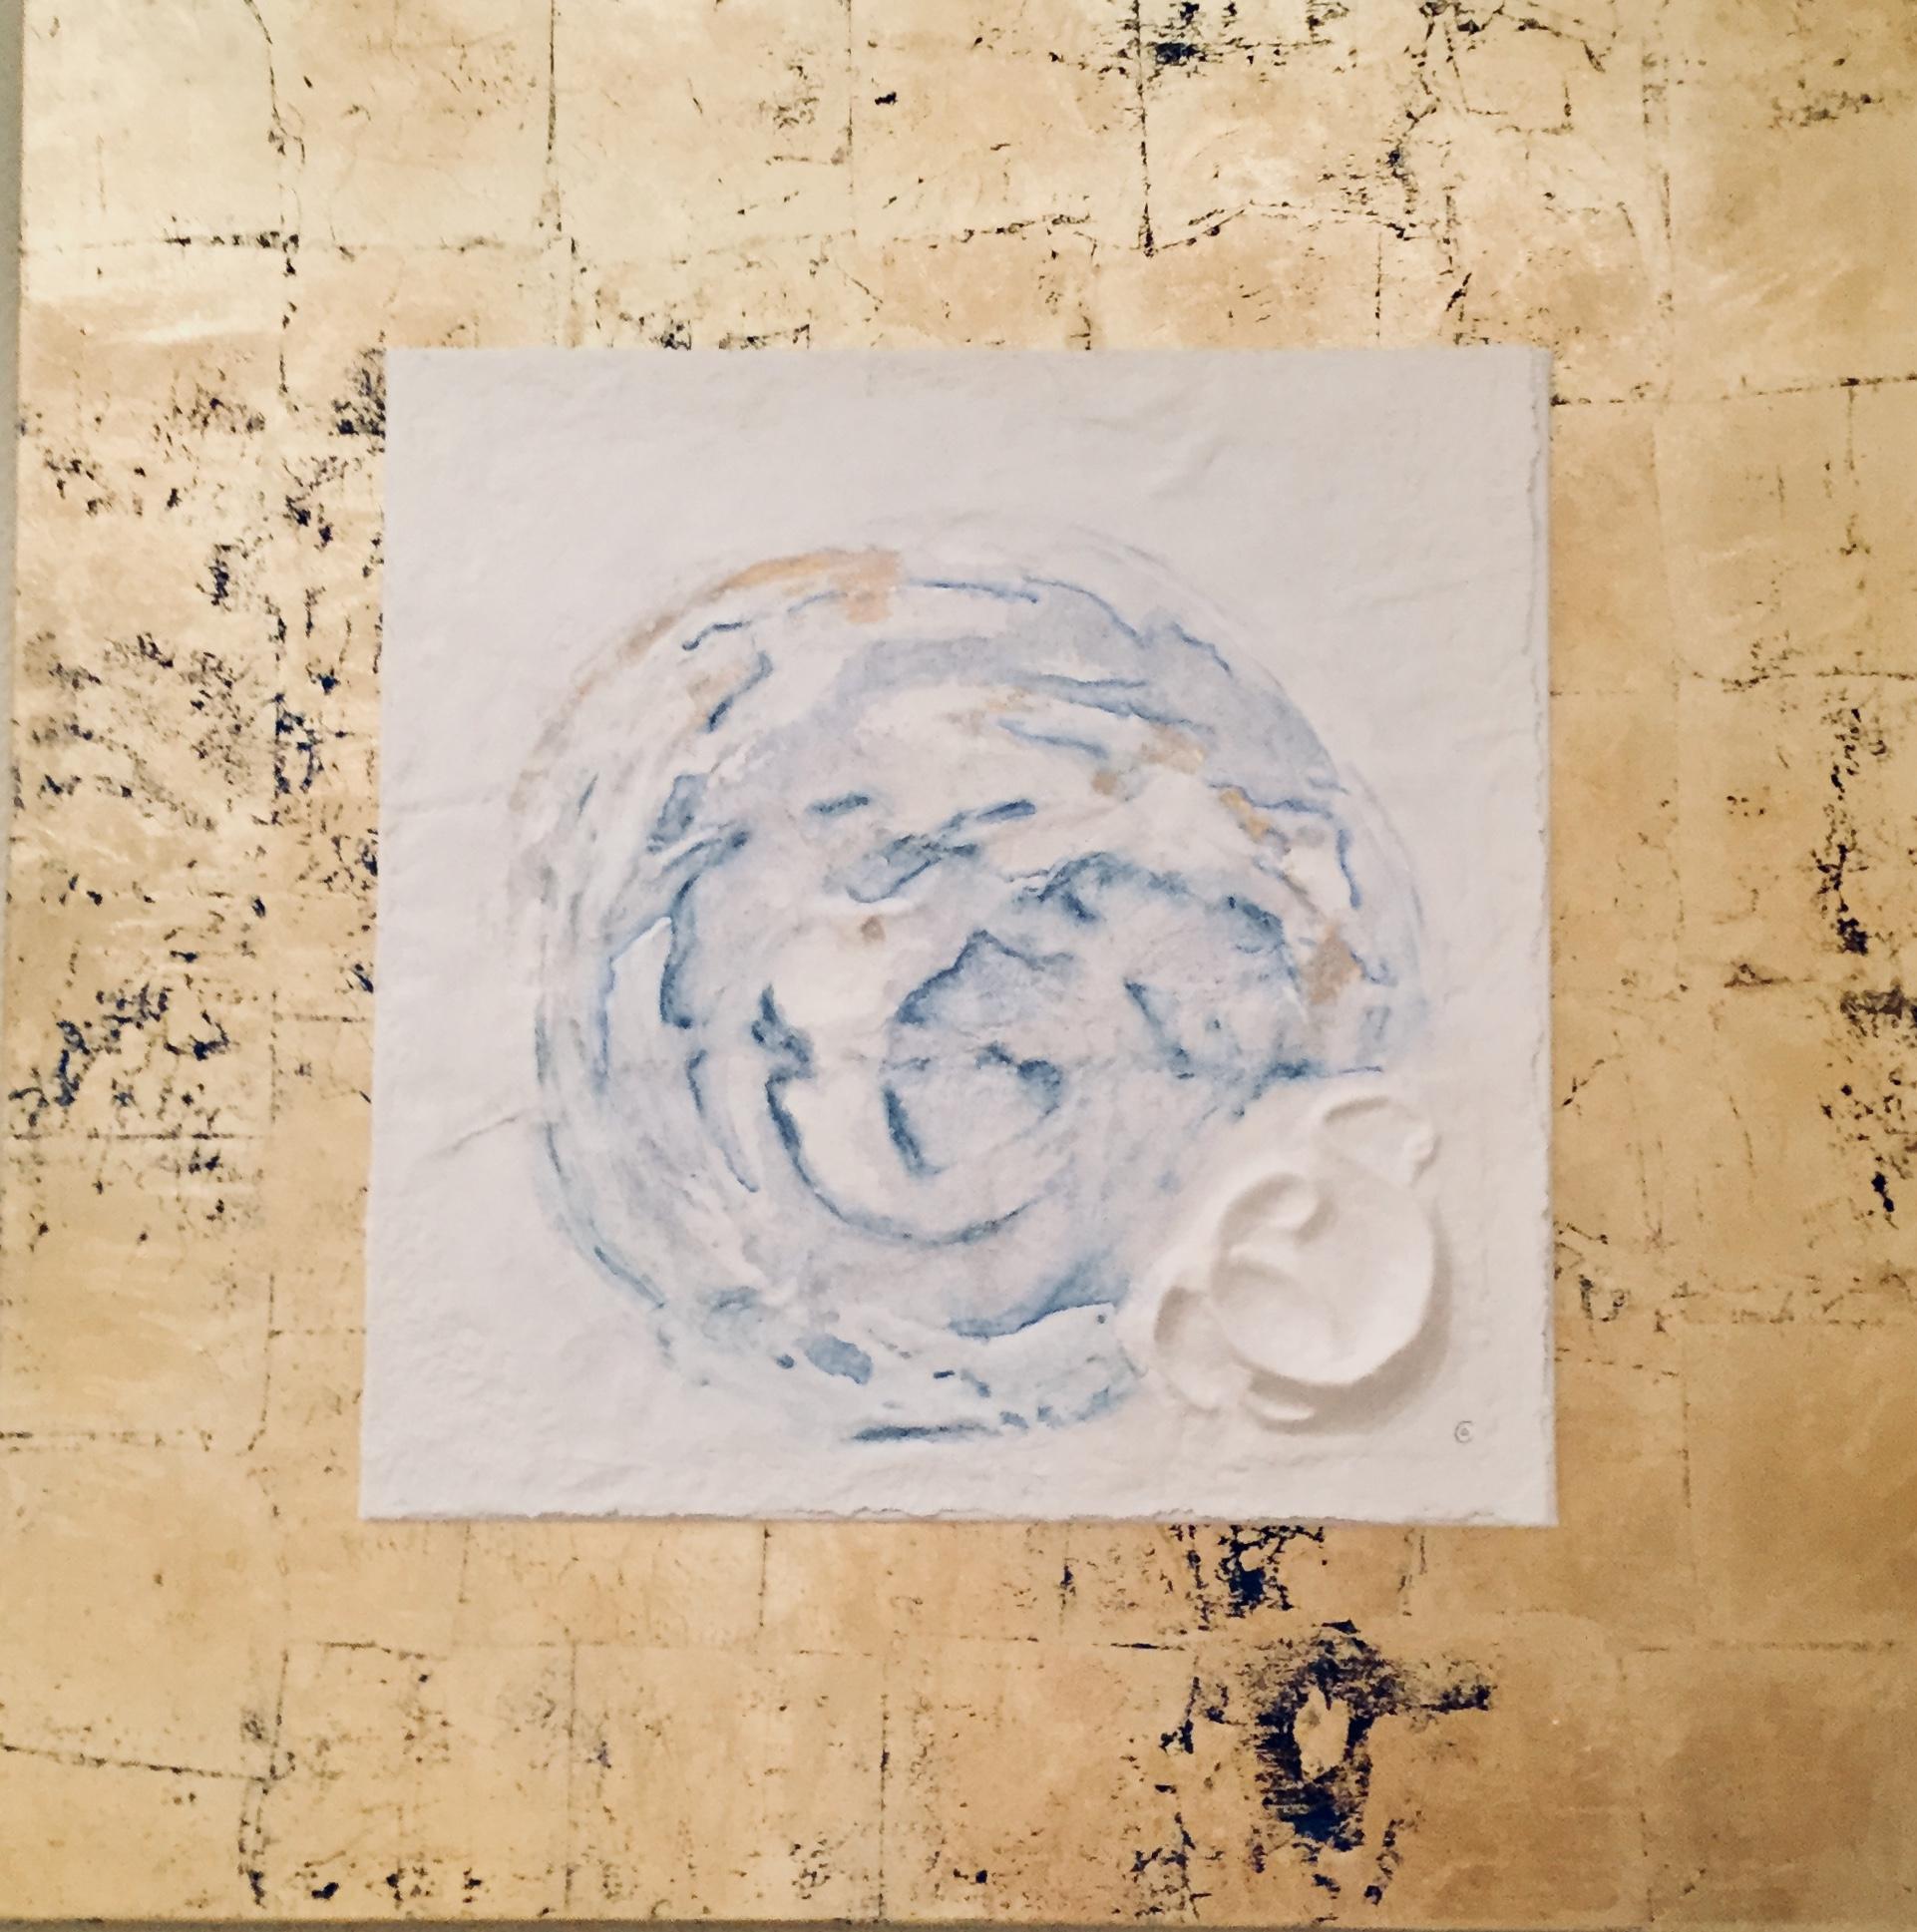 Sternzeichen Zwilling, handgeschöpftes, geprägtes und energetisiertes Papier - coloriert